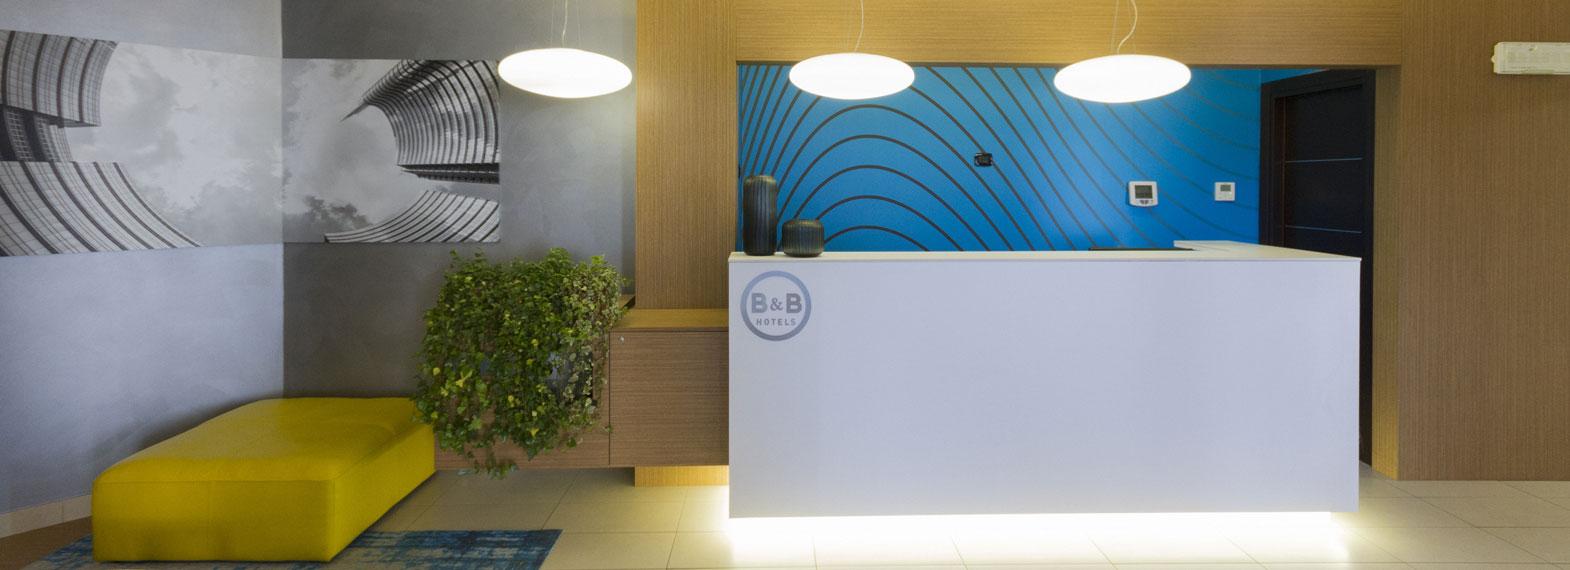 Reception di un B&B Hotels Italiano.